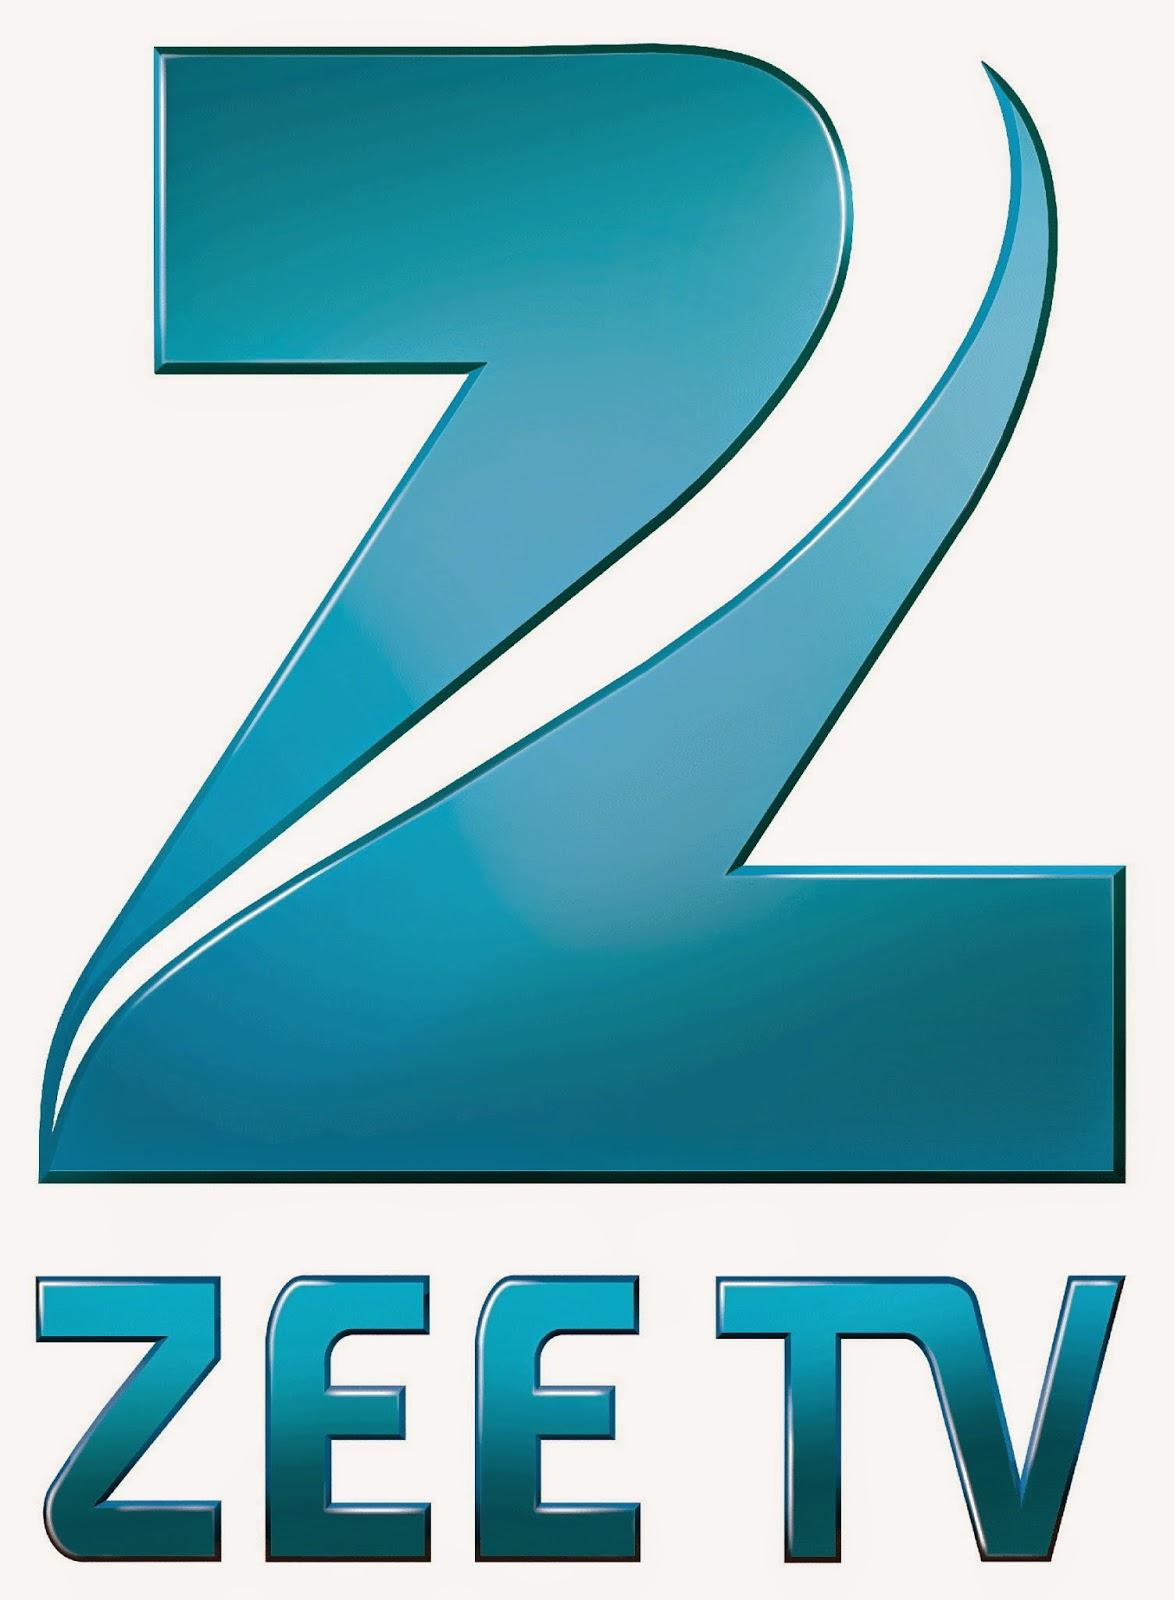 Тв онлайн смотреть бесплатно прямой эфир 23 фотография